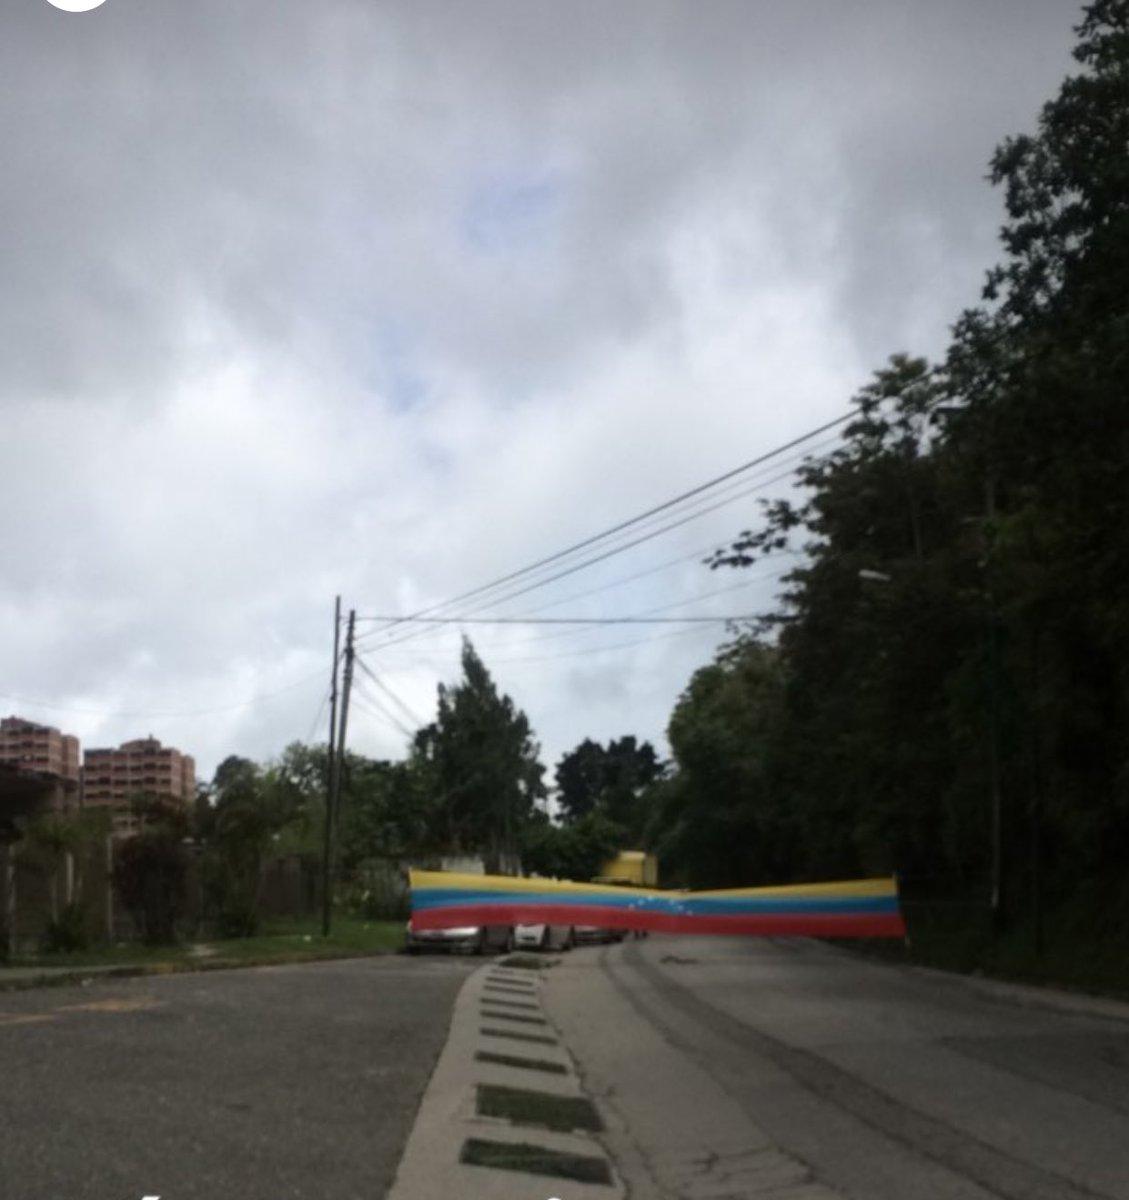 RT @anitam2483: Vía San Diego, esto frente al retiro San Antonio de los altos #10jul #miranda #caracas #veneZuela https://t.co/LUywRgkKei